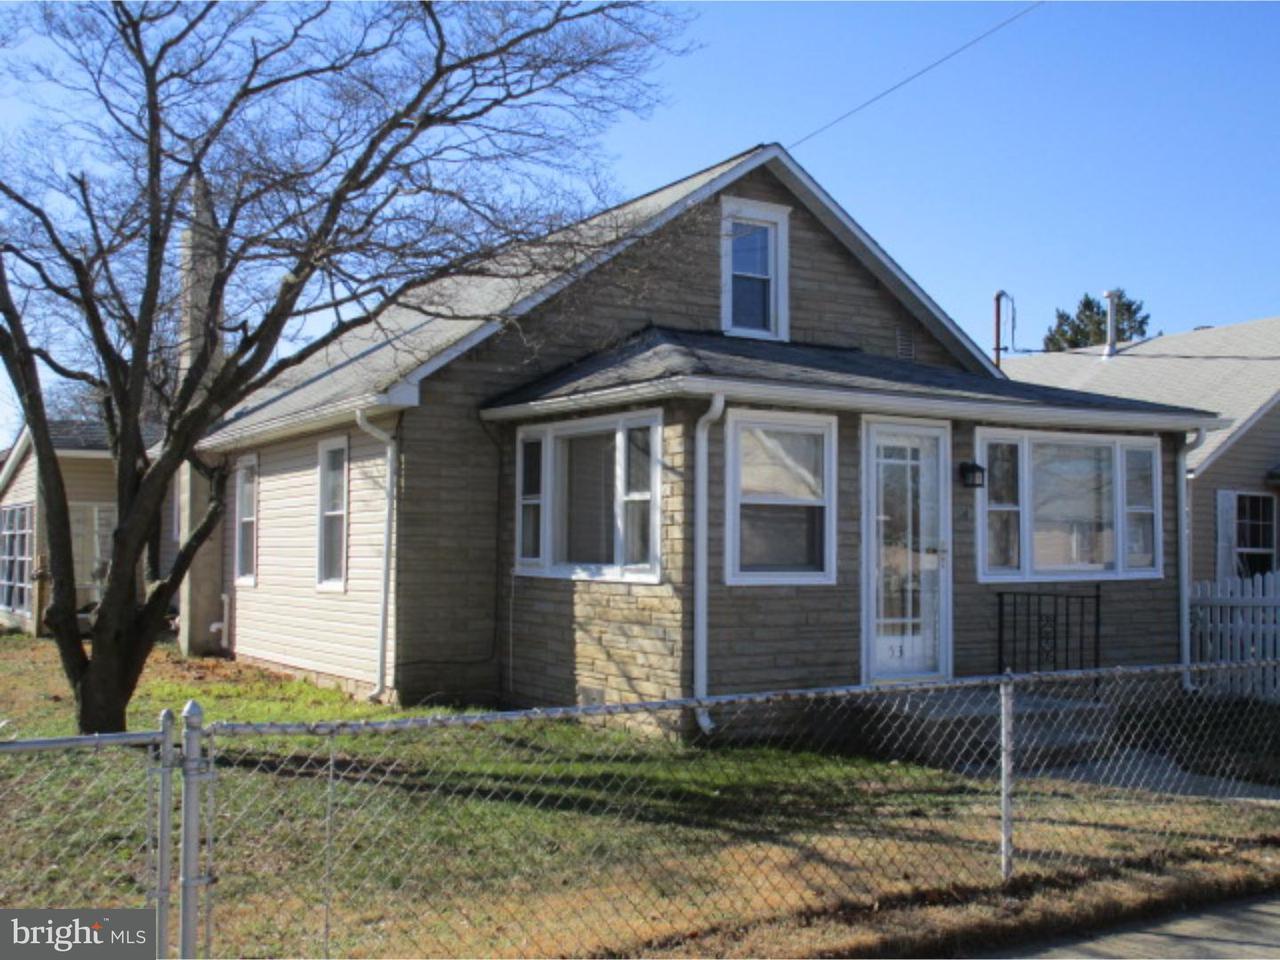 Частный односемейный дом для того Аренда на 53 HARDING Avenue Pennsville, Нью-Джерси 08070 Соединенные Штаты